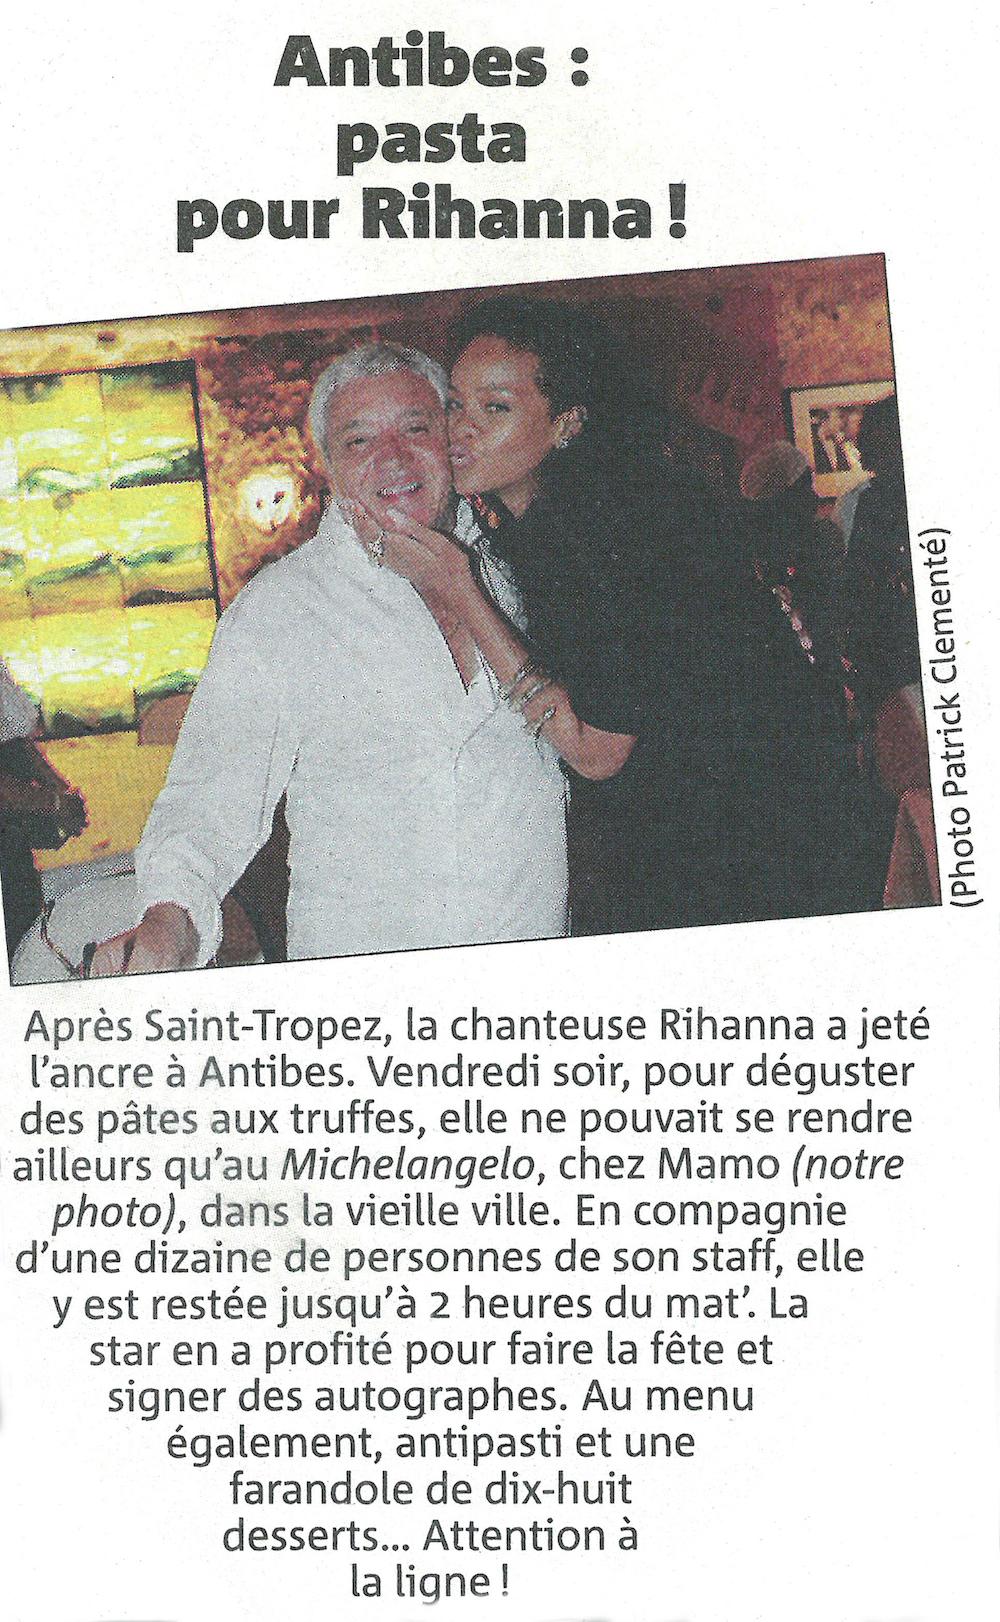 16-Rihanna-et-mamo